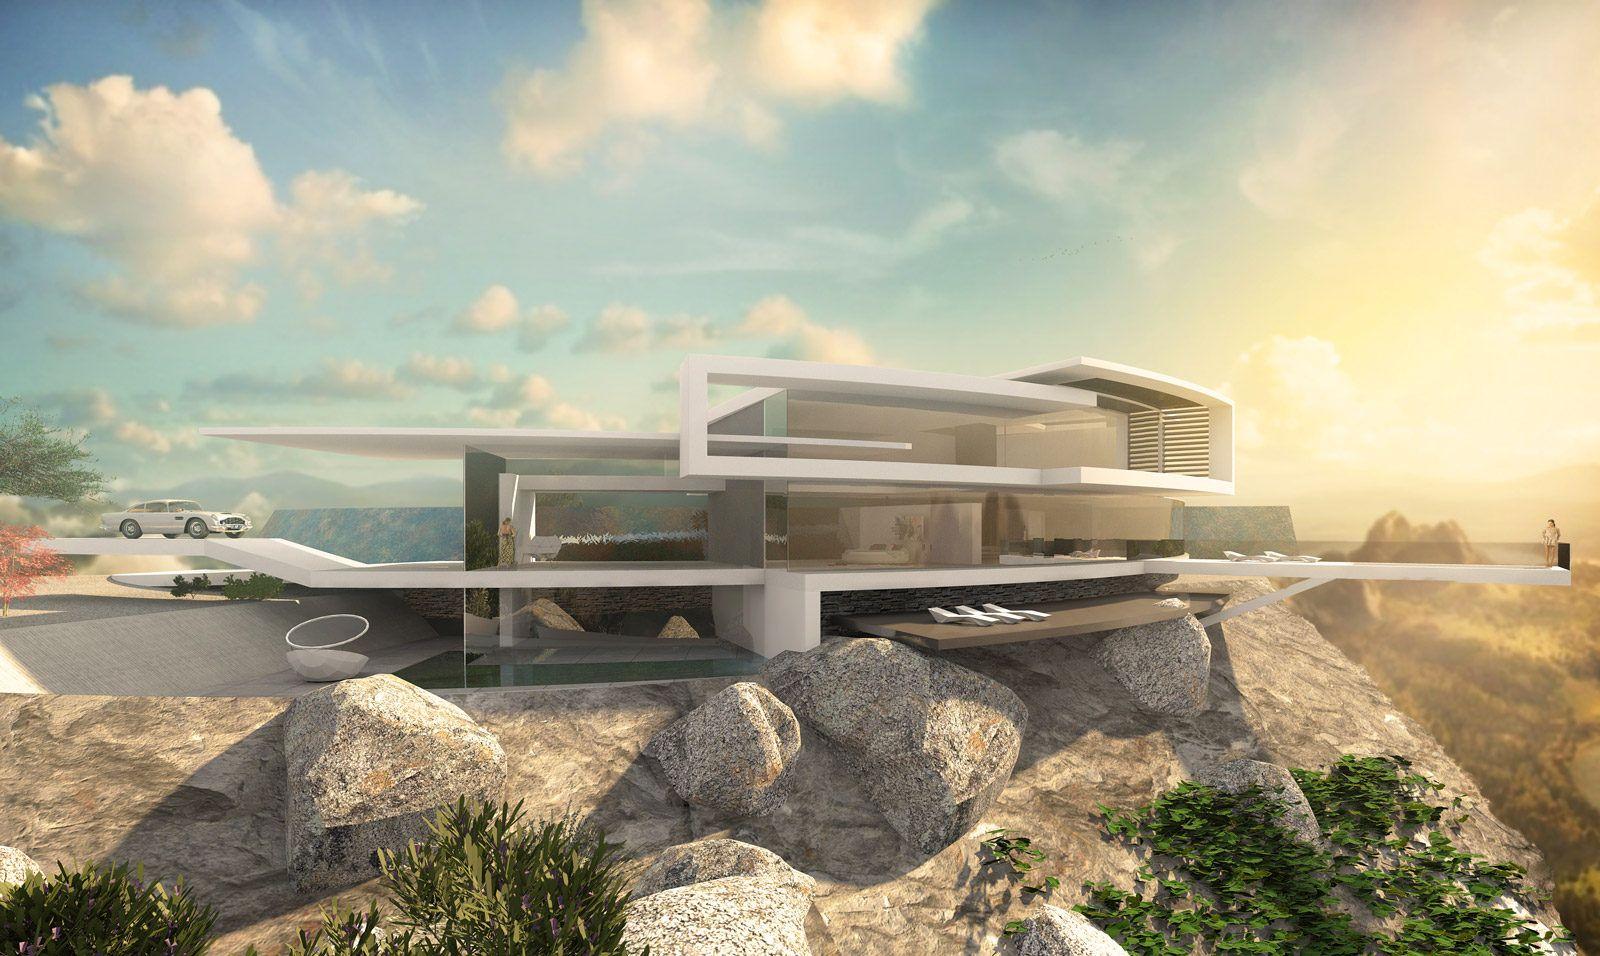 runde h user bauen in moderner architektur in love archi gasm pinterest moderne. Black Bedroom Furniture Sets. Home Design Ideas